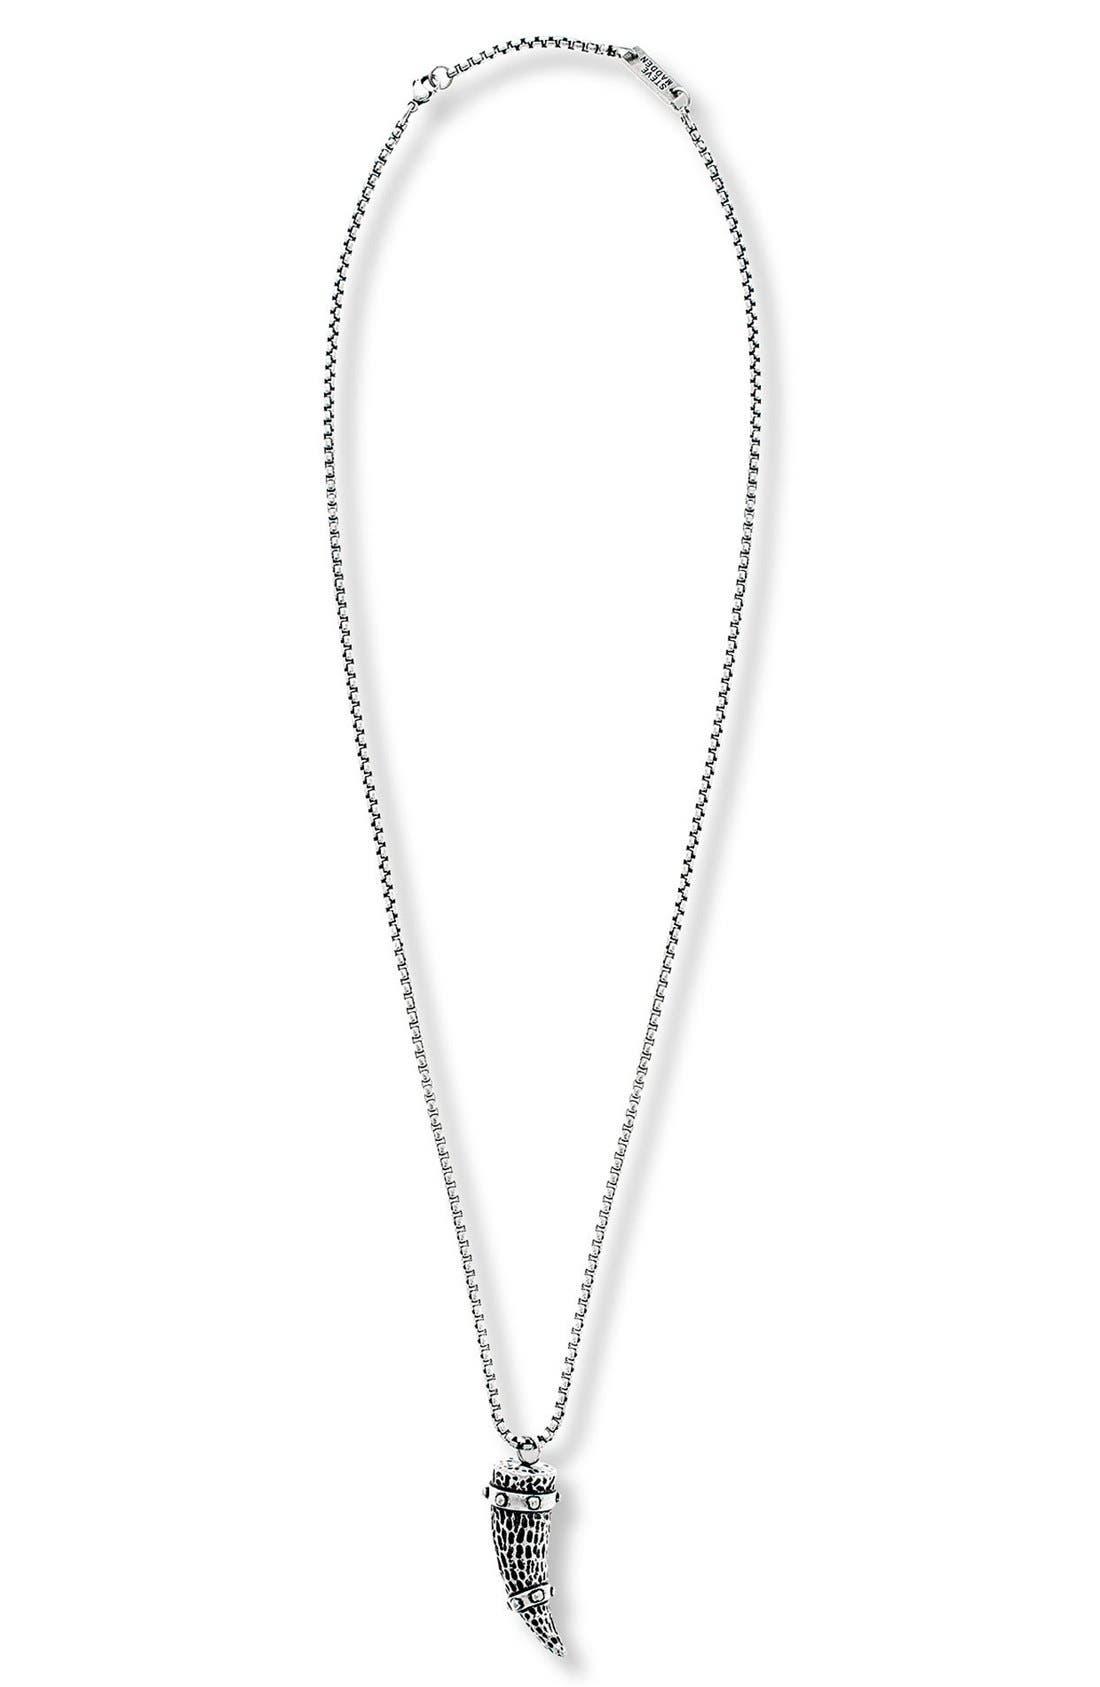 Alternate Image 1 Selected - Steve Madden Hammered Horn Pendant Necklace